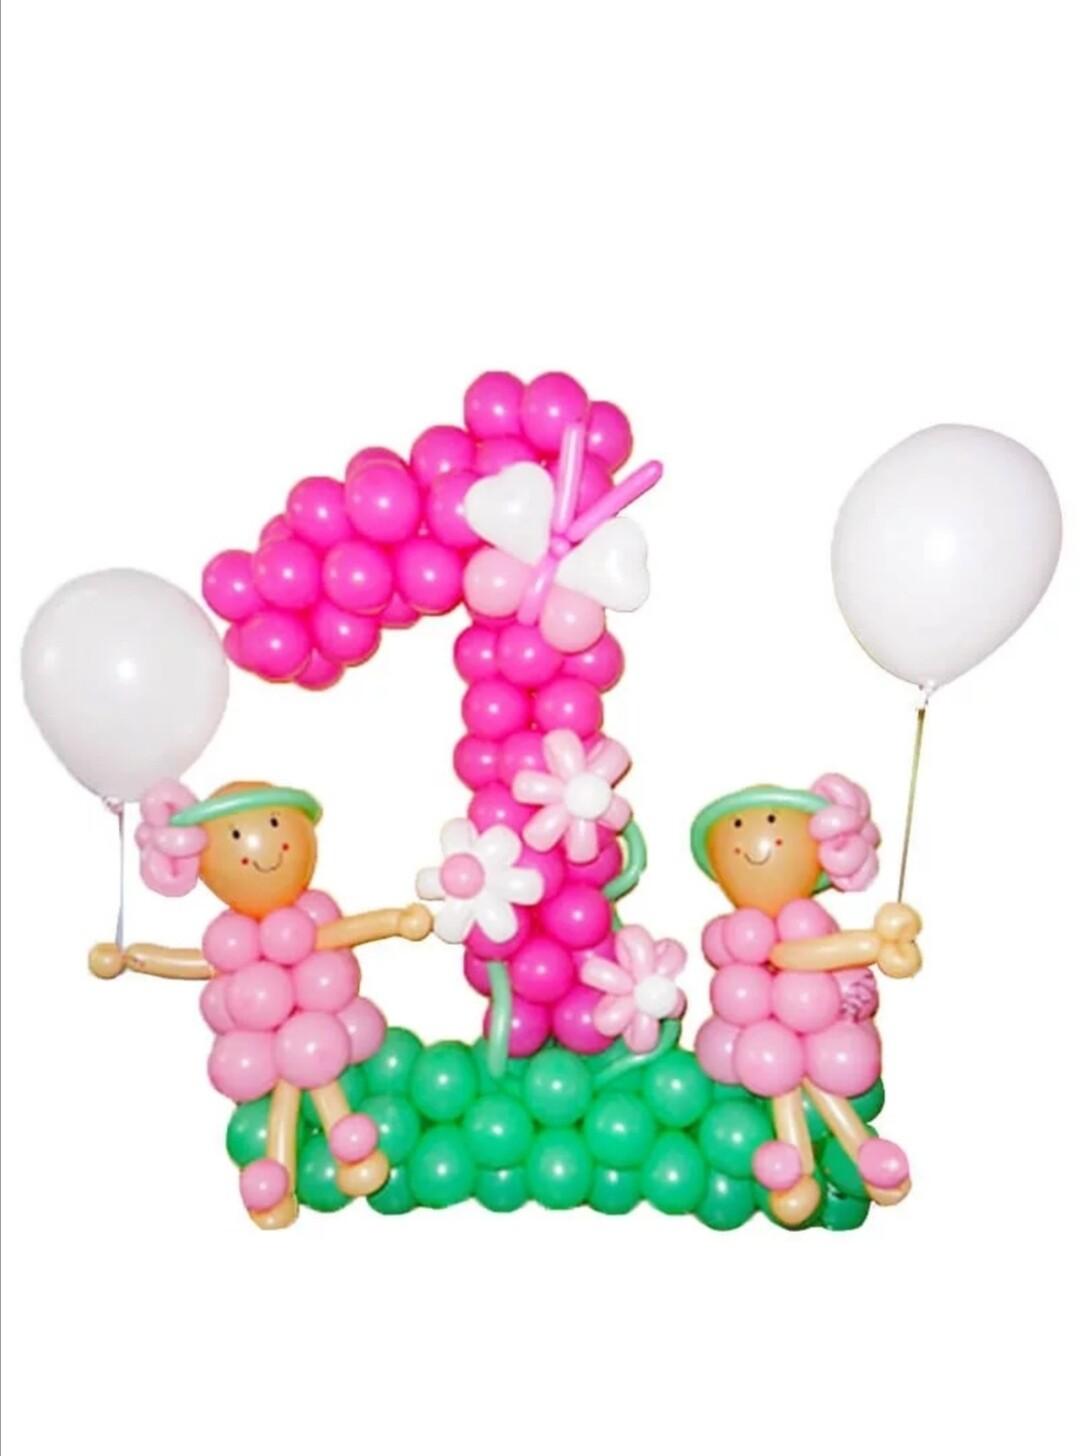 Цифра из шаров 1 с девочками